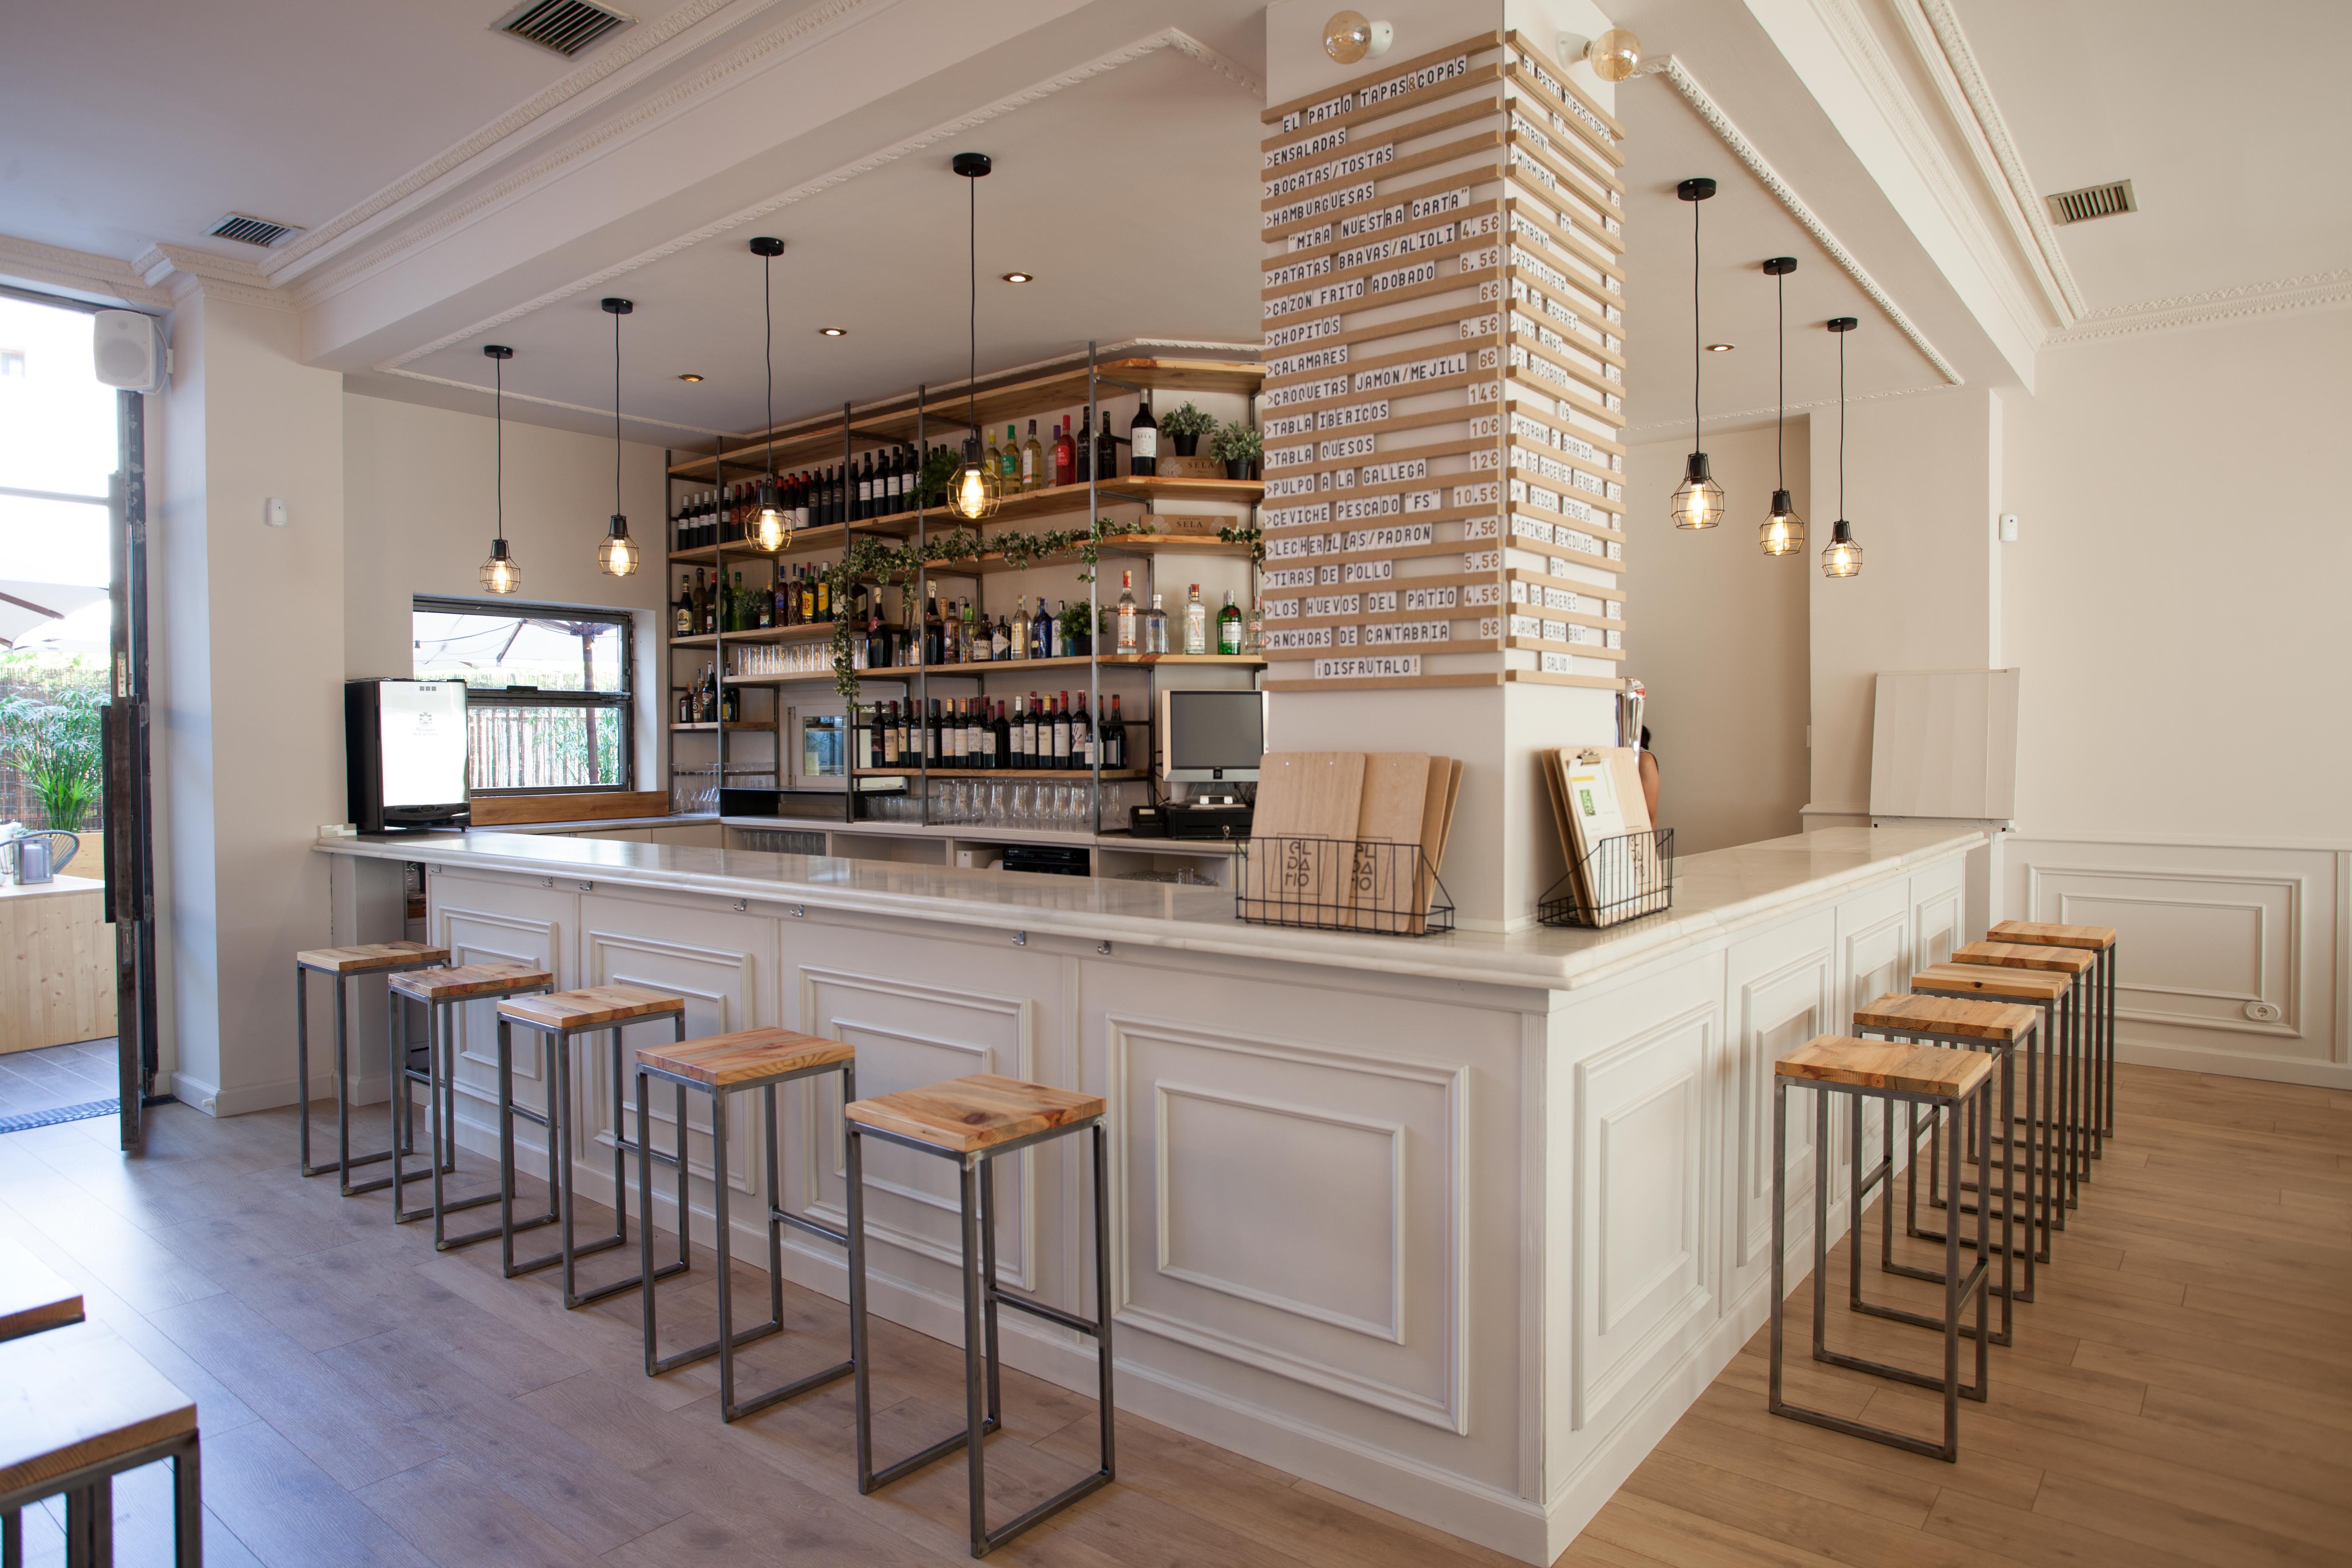 proyectos Interiorismo ampliación bar restaurante Ampliamos concepto actual bar copas abriendo envolvente local patio trasero diferencia singularidad punto fuerte proyecto | Perspectiva Moma